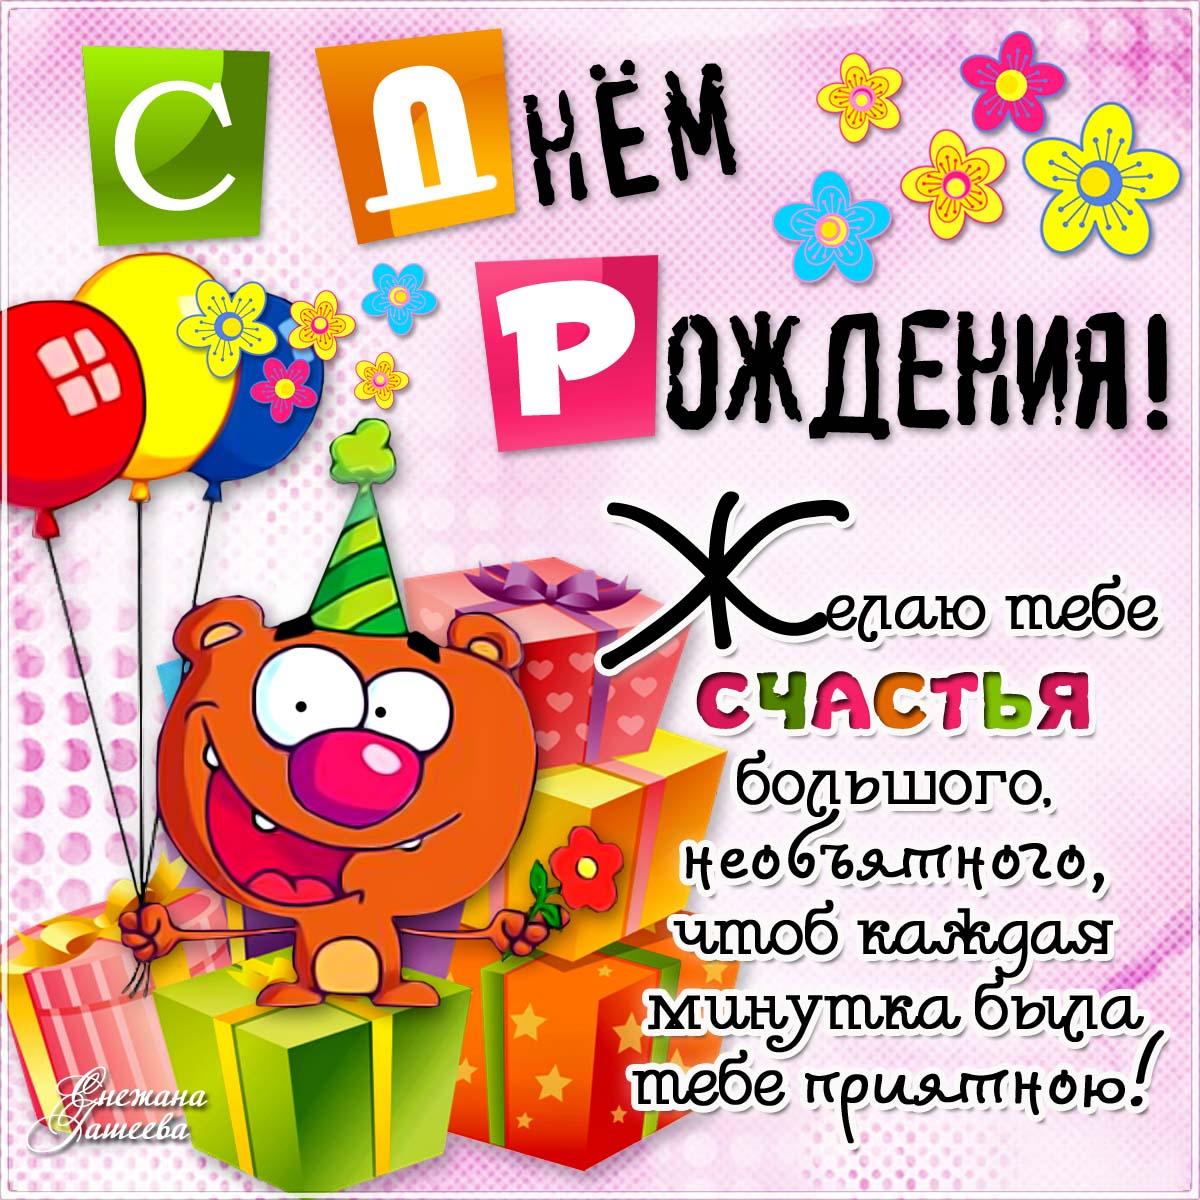 Смс поздравление с днем рождения девочке 2 годика родителям